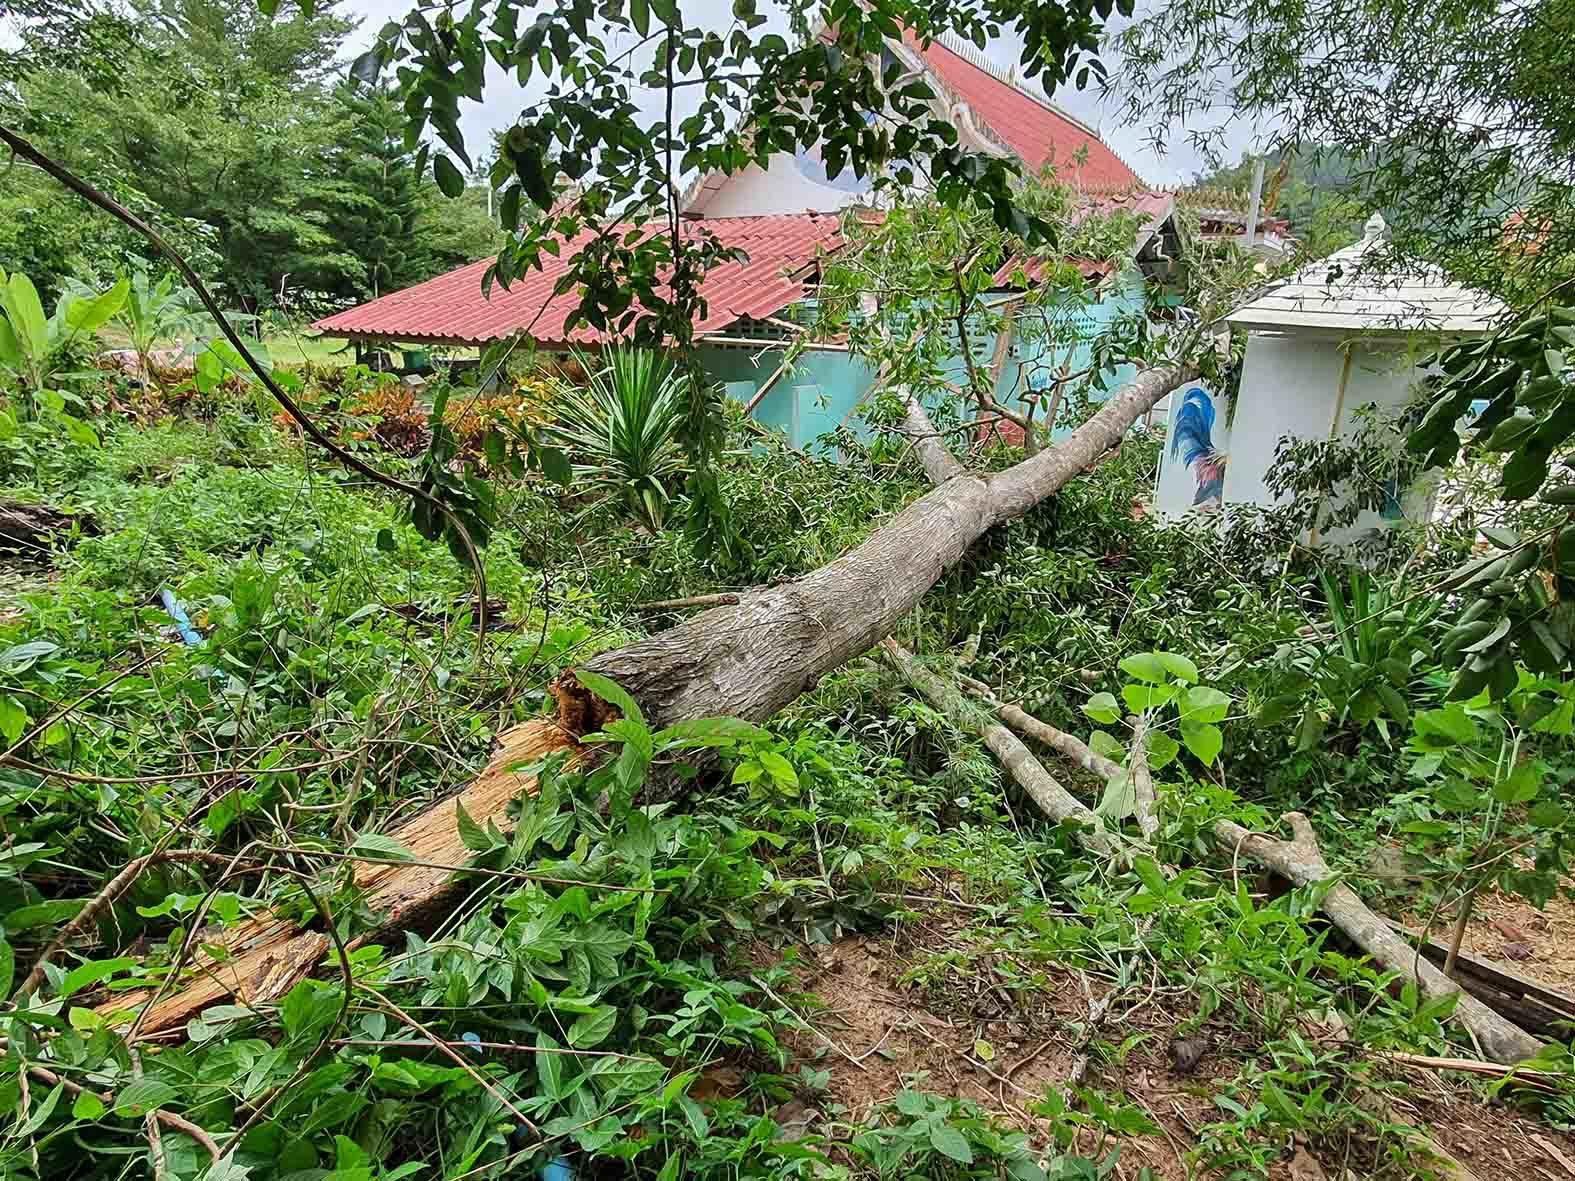 พายุถล่มชุมพร ทำสวนทุเรียนเสียหายยับ-ไฟฟ้าดับ-มือถือใช้ไม่ได้